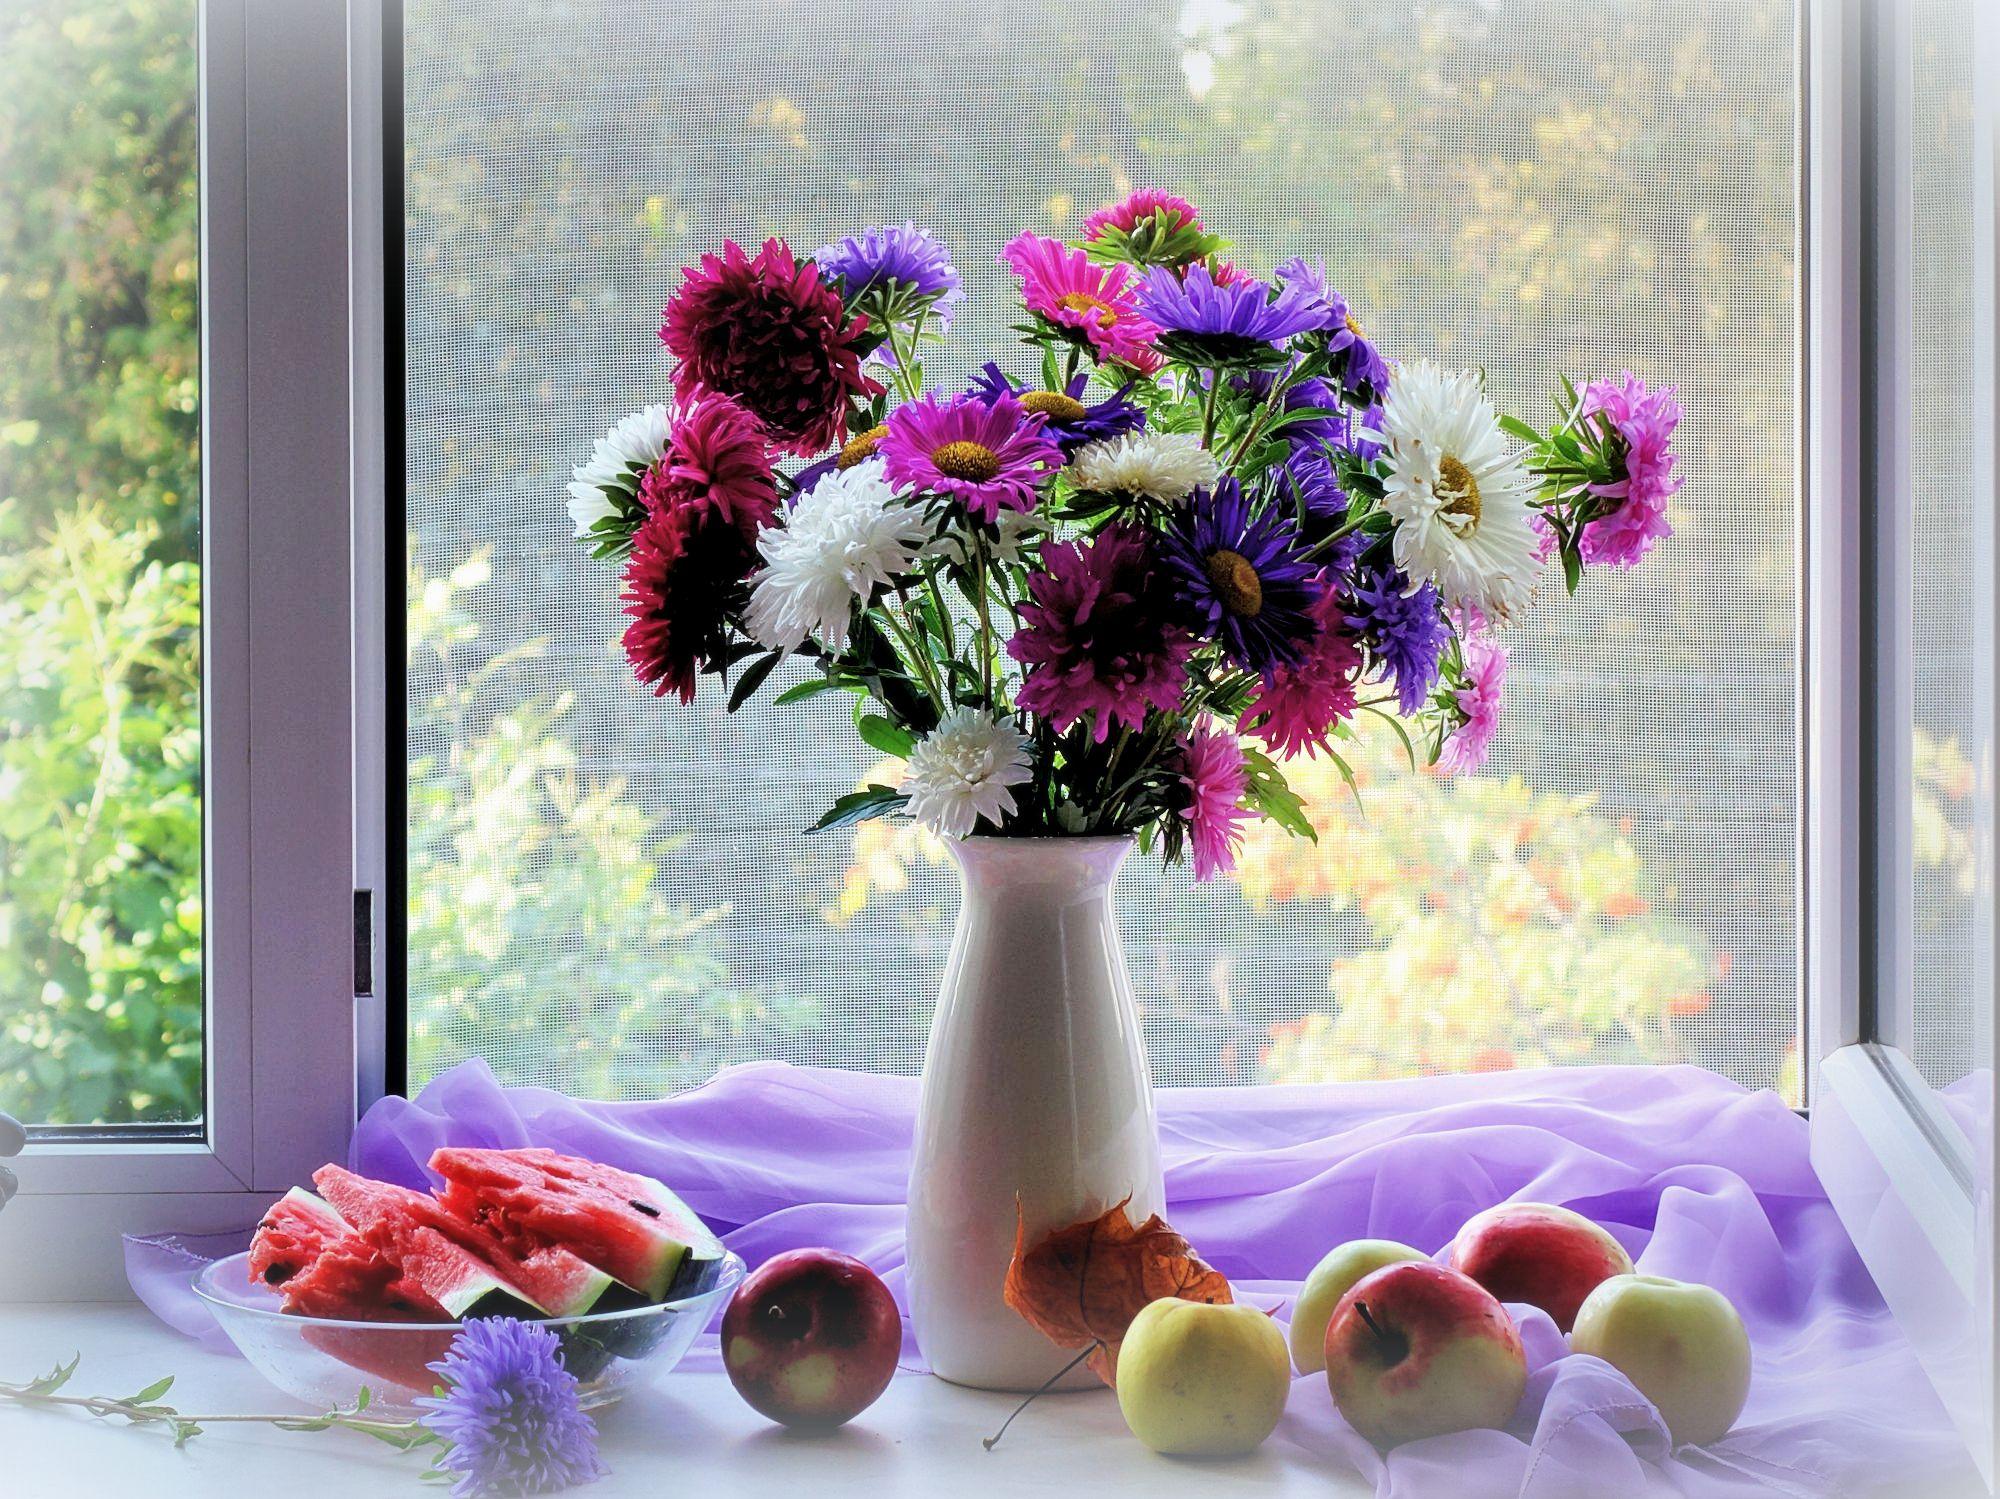 мире существует фотонатюрморты цветы на окне молод